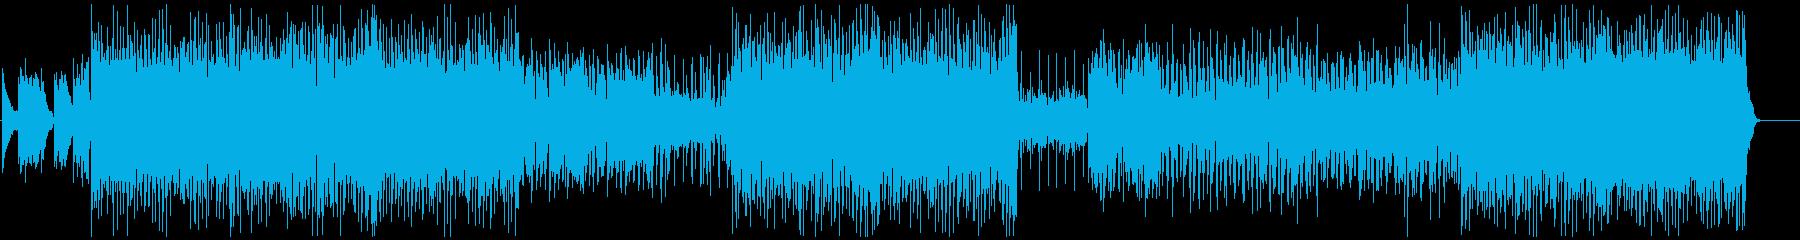 曲中でノリが変わるダンスミュージックの再生済みの波形